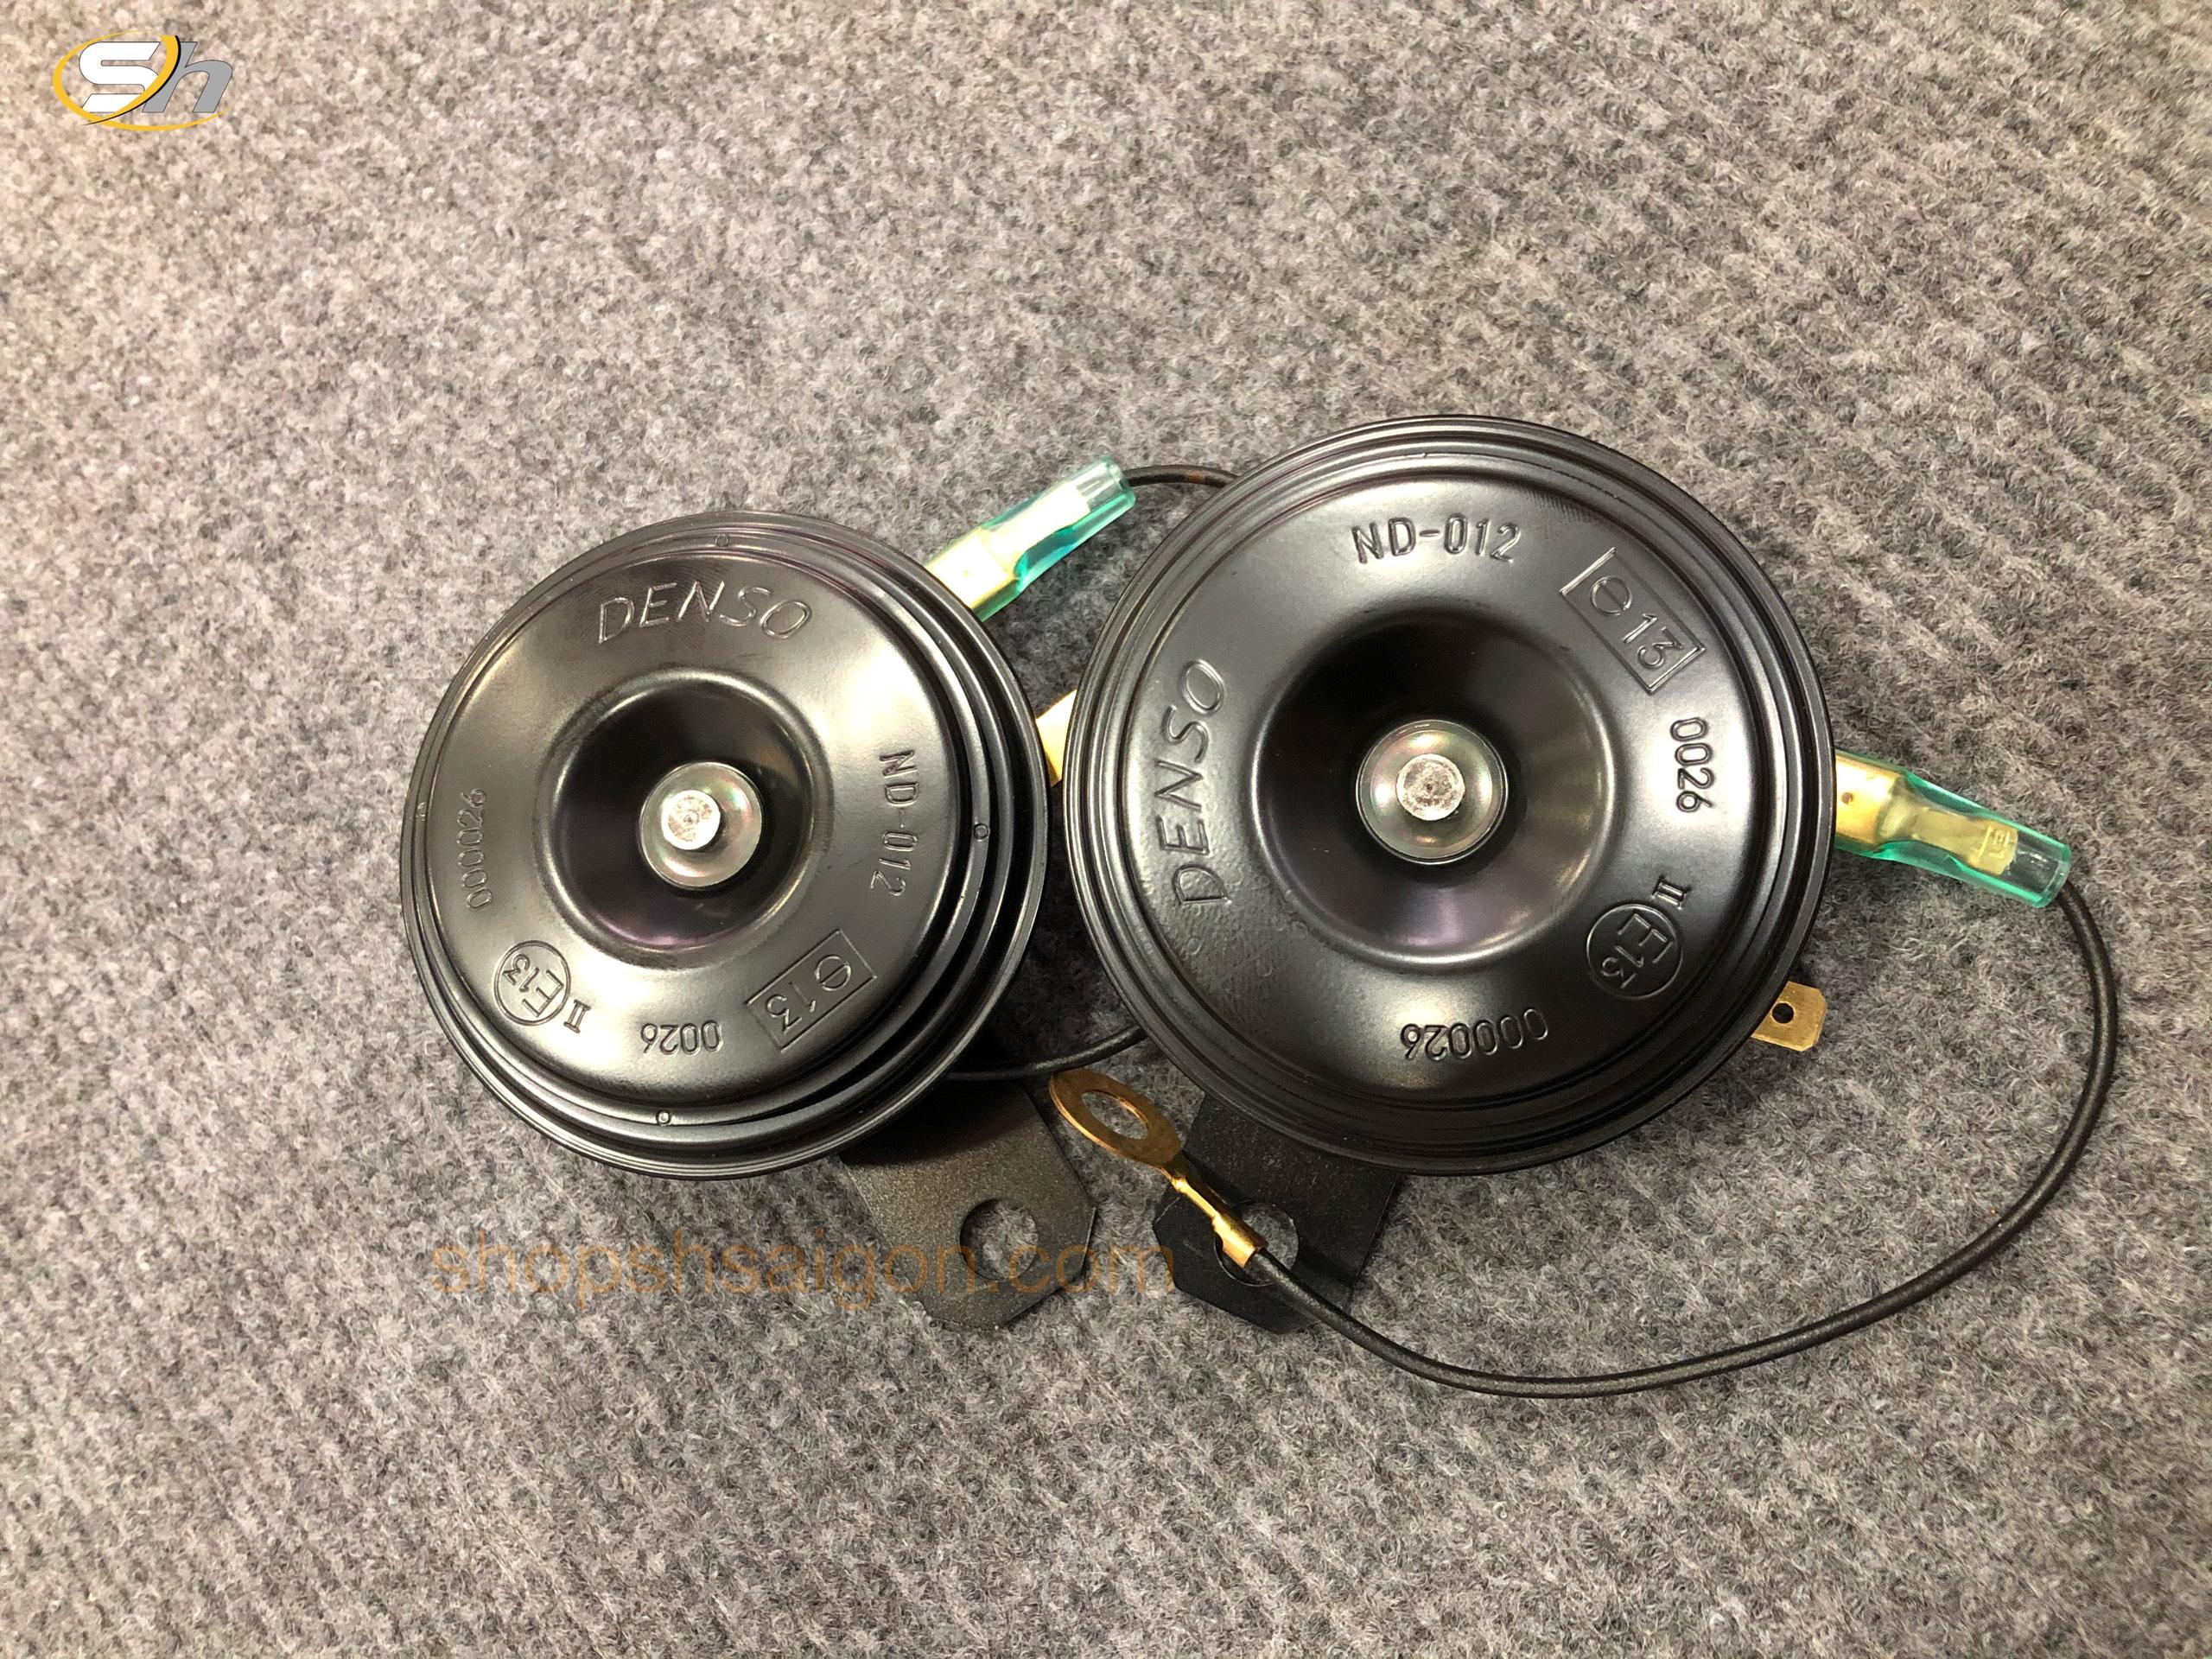 Bộ kèn đôi xe máy Denso - JK272000-6920 (12V) 3